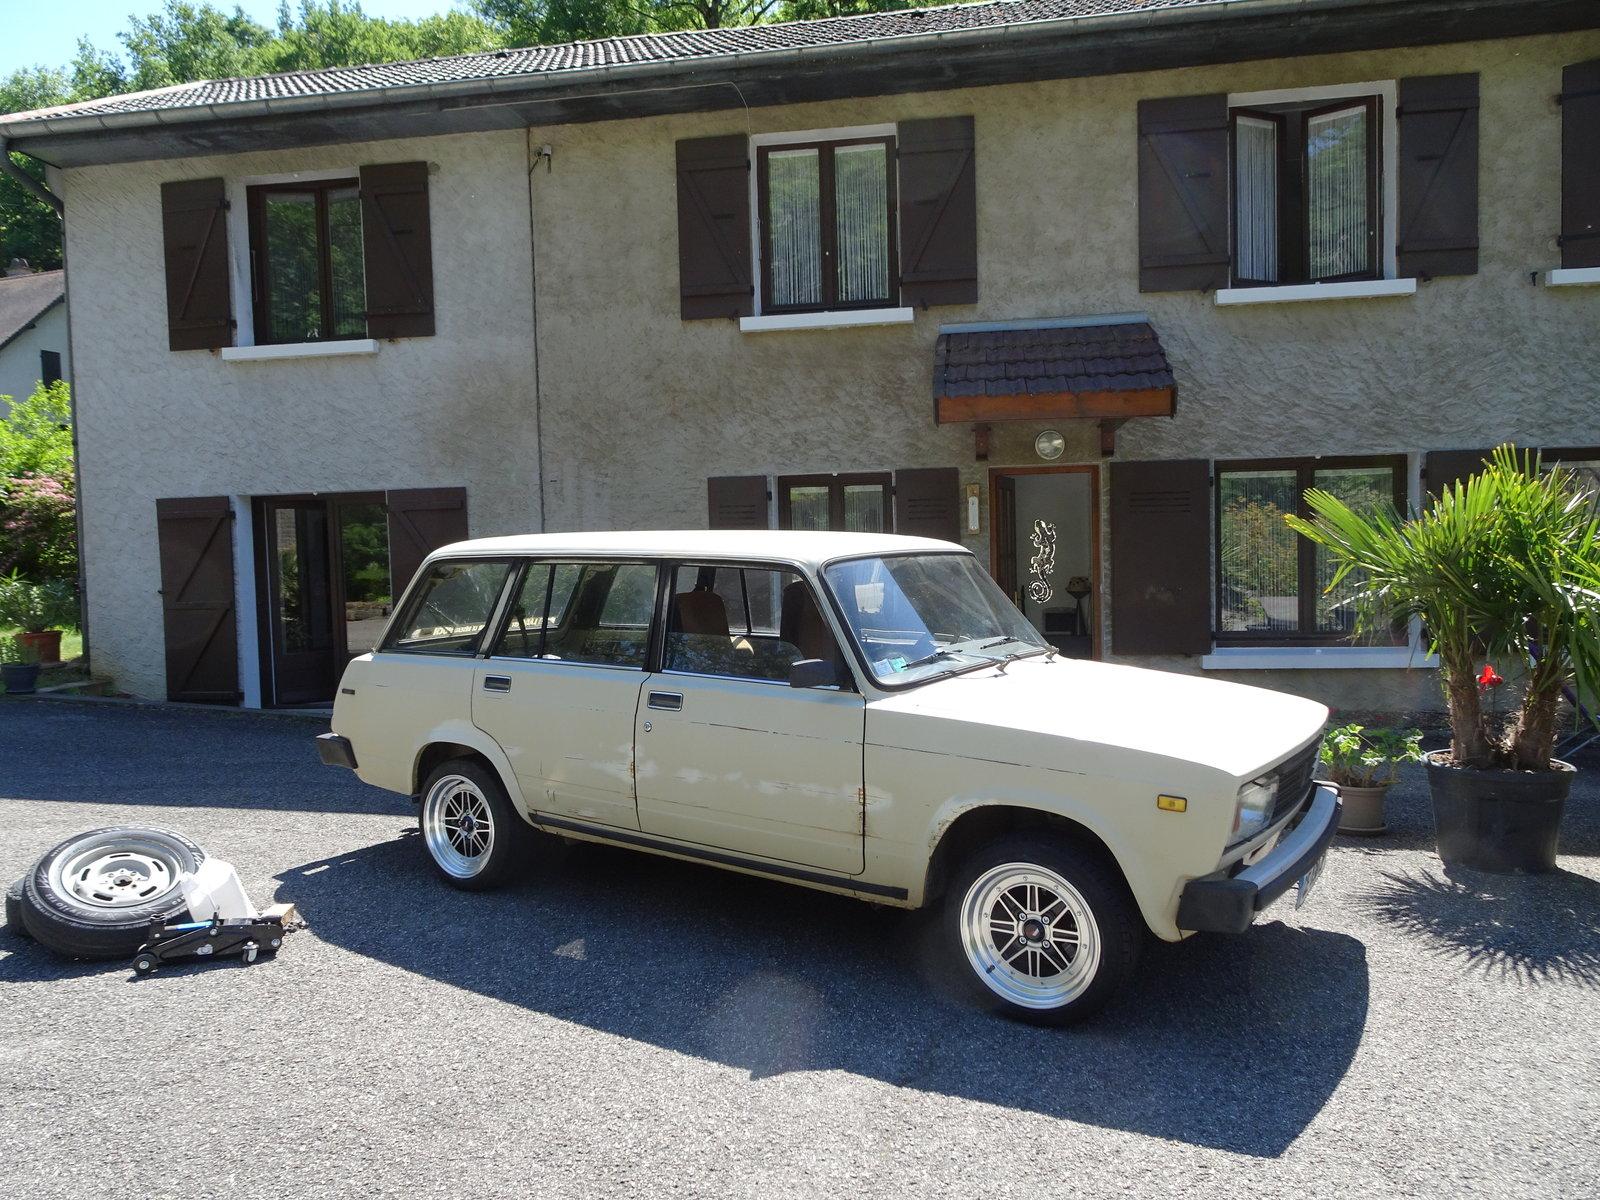 Lada 2104.3 1500GL de 1988 (ex à yoyo) - Page 2 19053104553024652